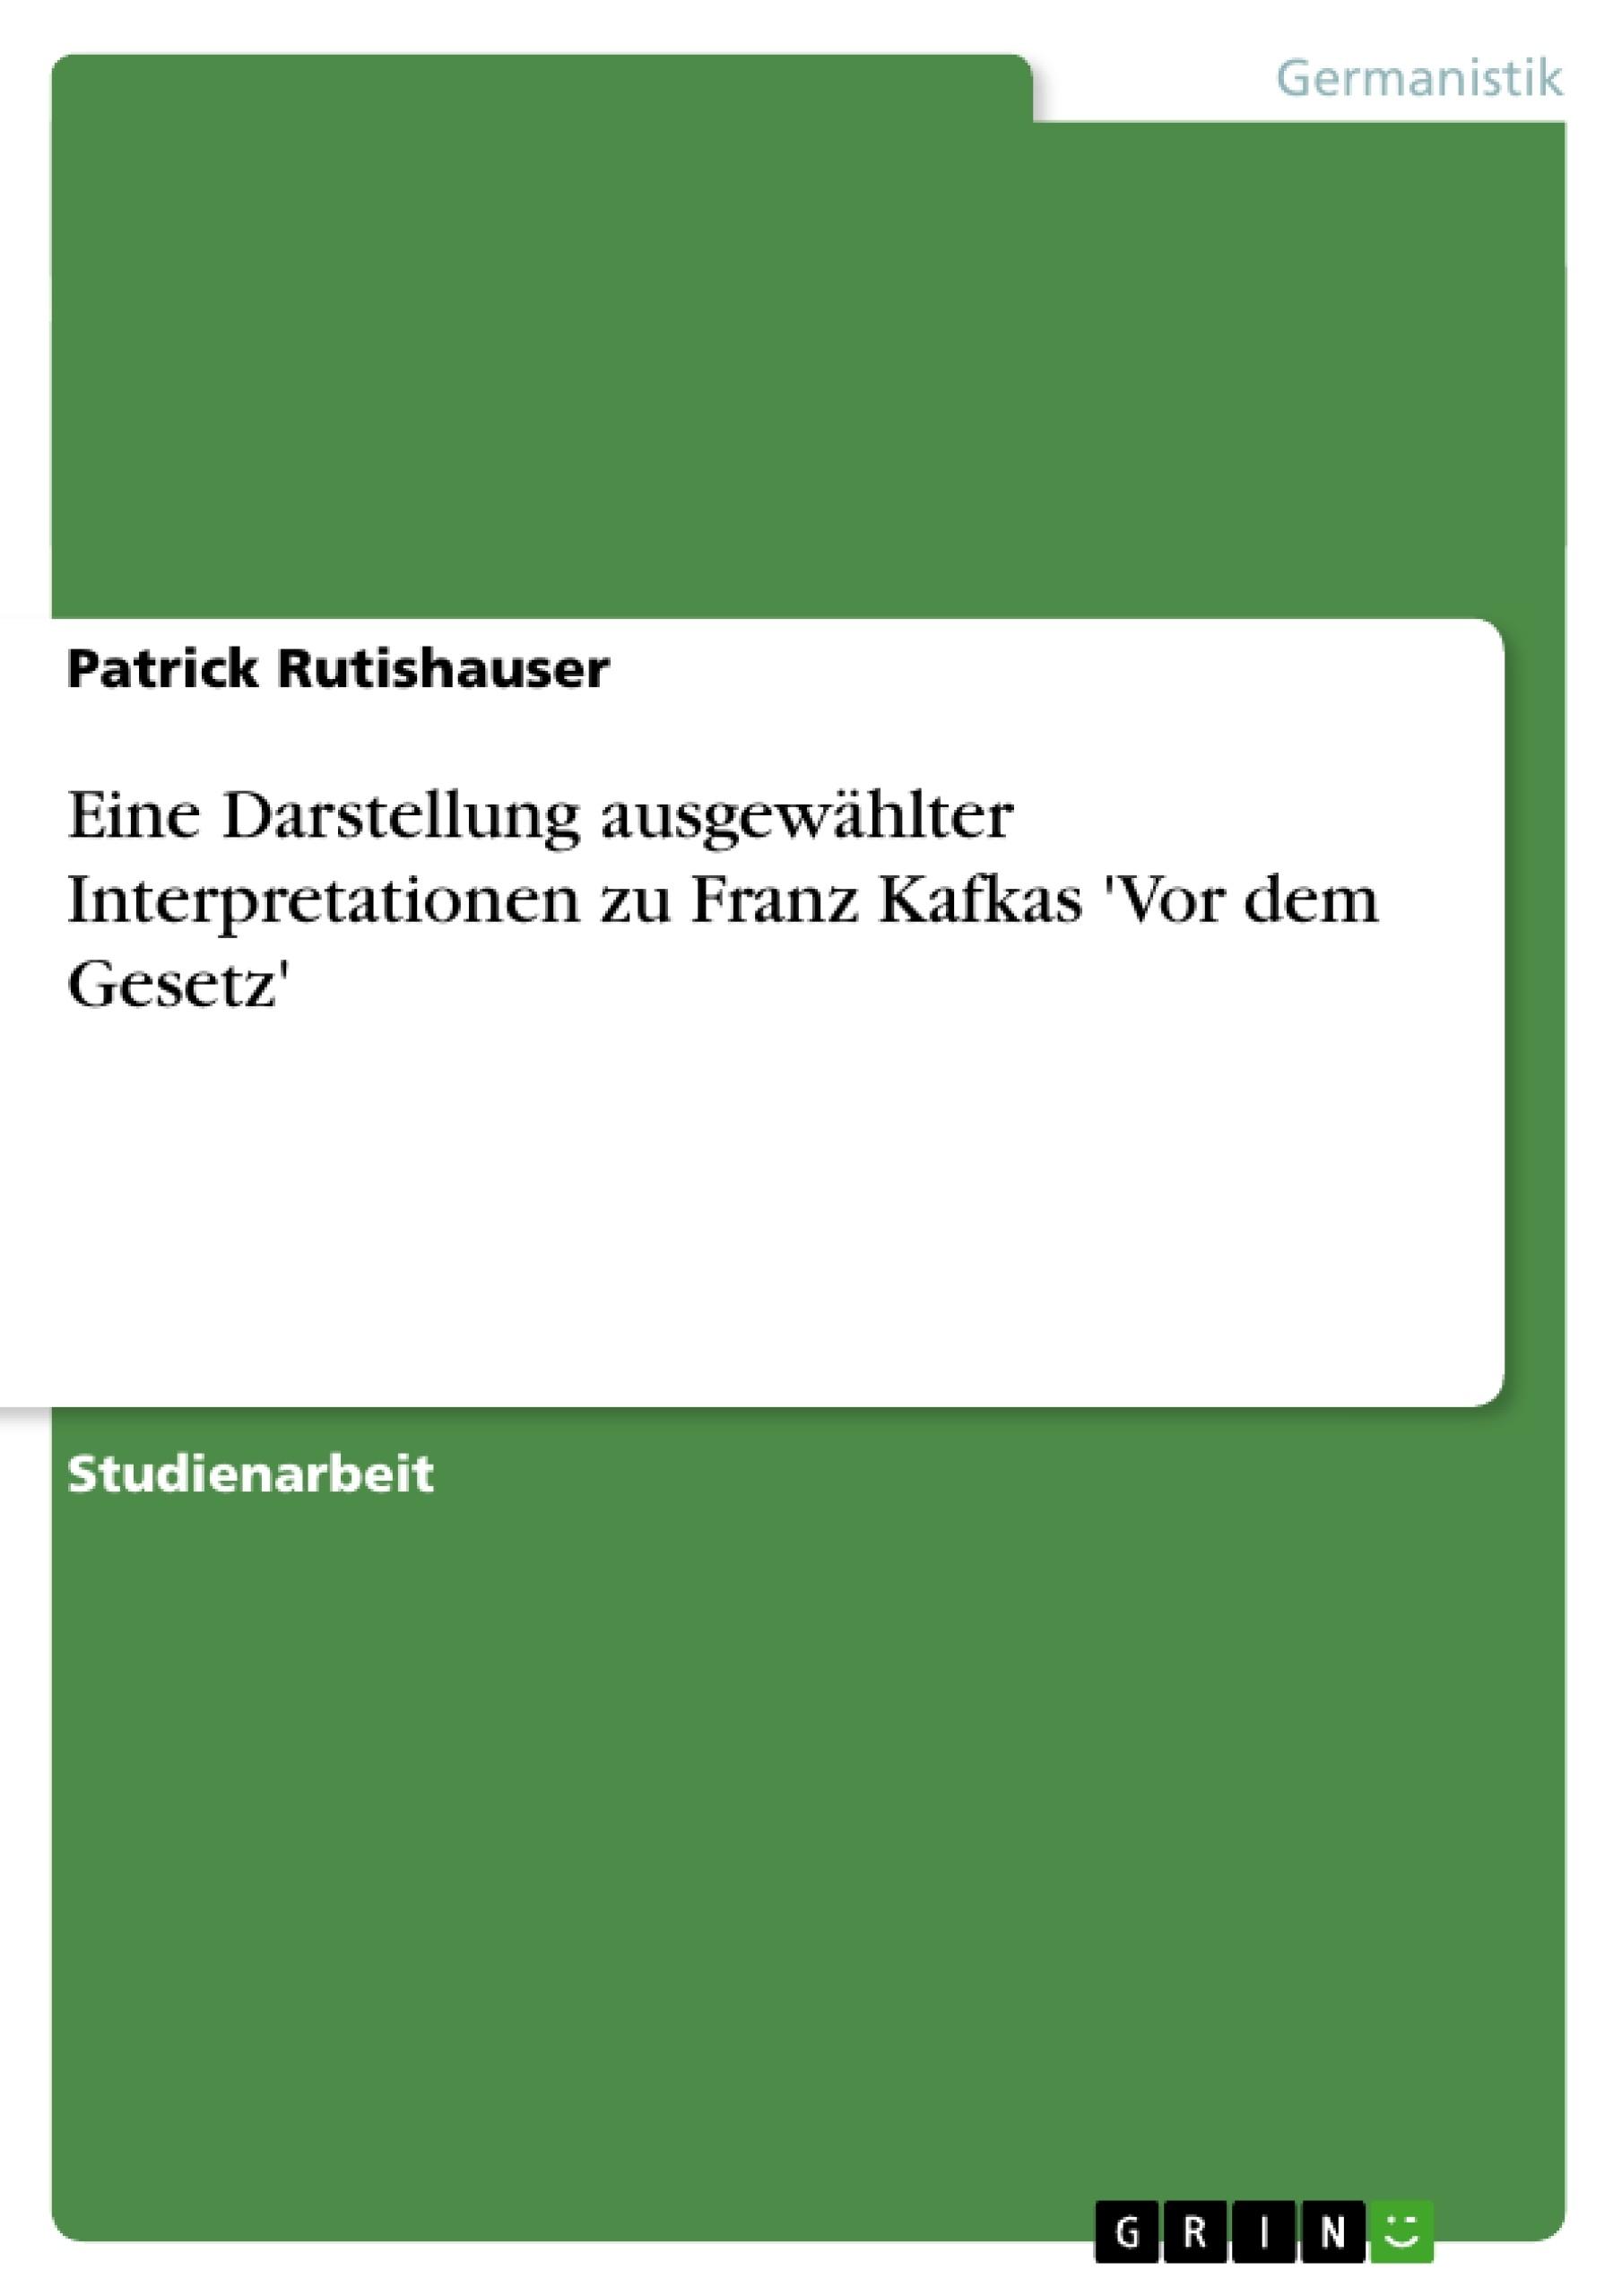 Titel: Eine Darstellung ausgewählter Interpretationen zu Franz Kafkas 'Vor dem Gesetz'